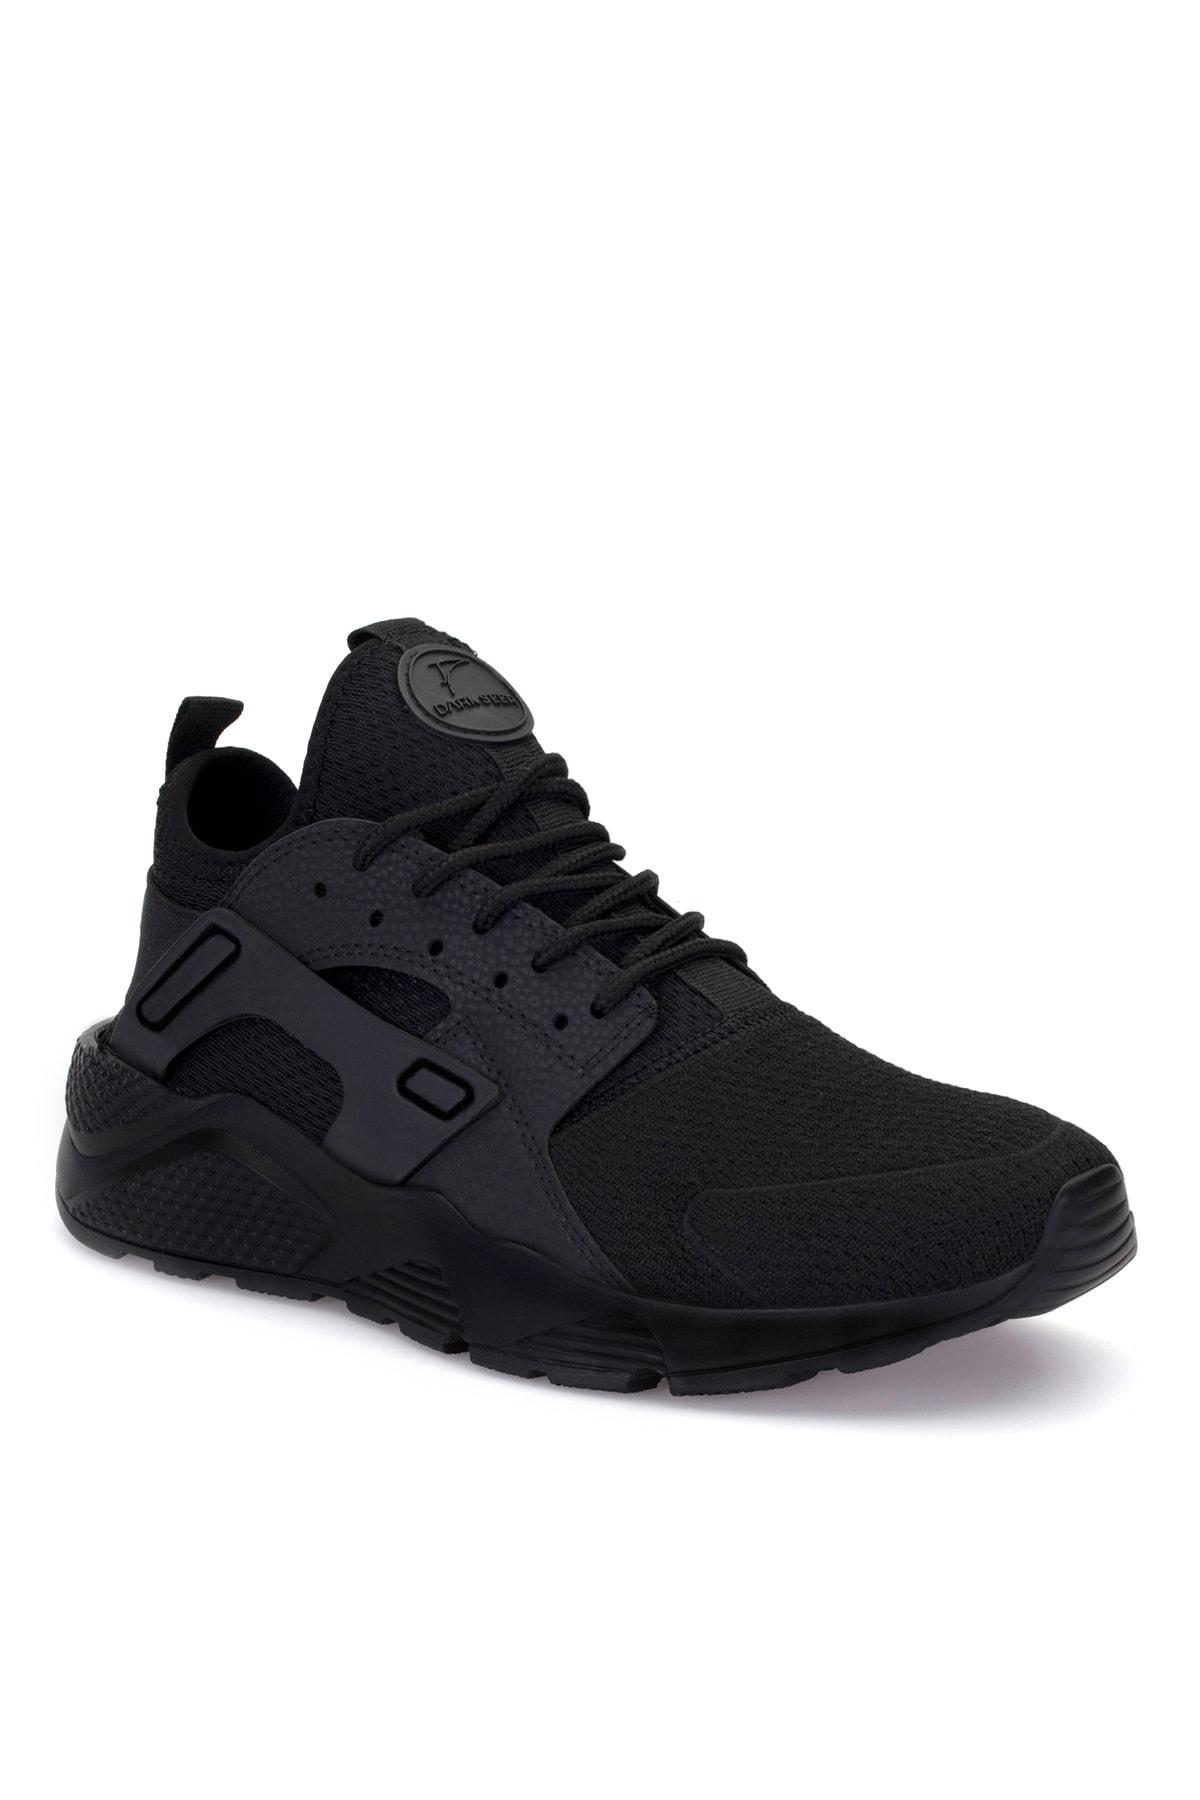 DARK SEER Unisex Siyah Sneaker HR2.DS 1